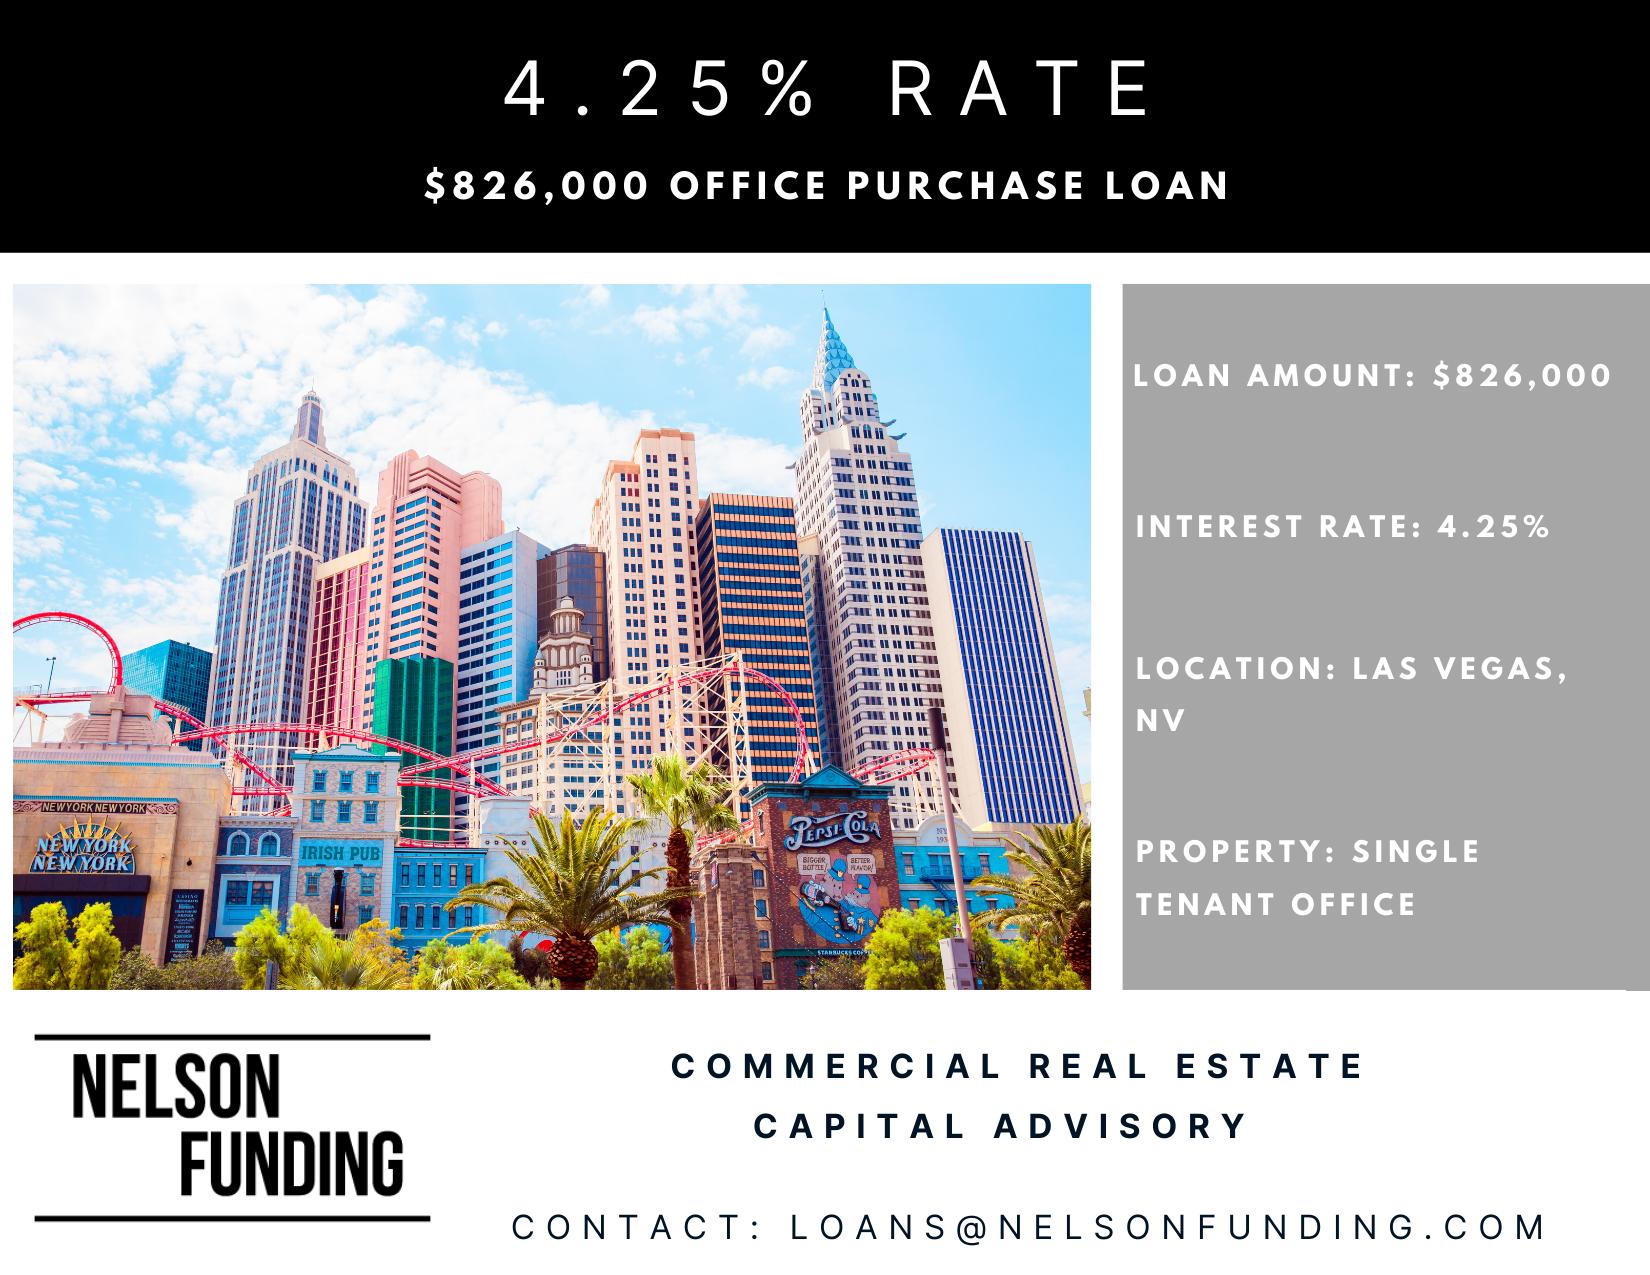 Office Acquistion Loan in Las Vegas